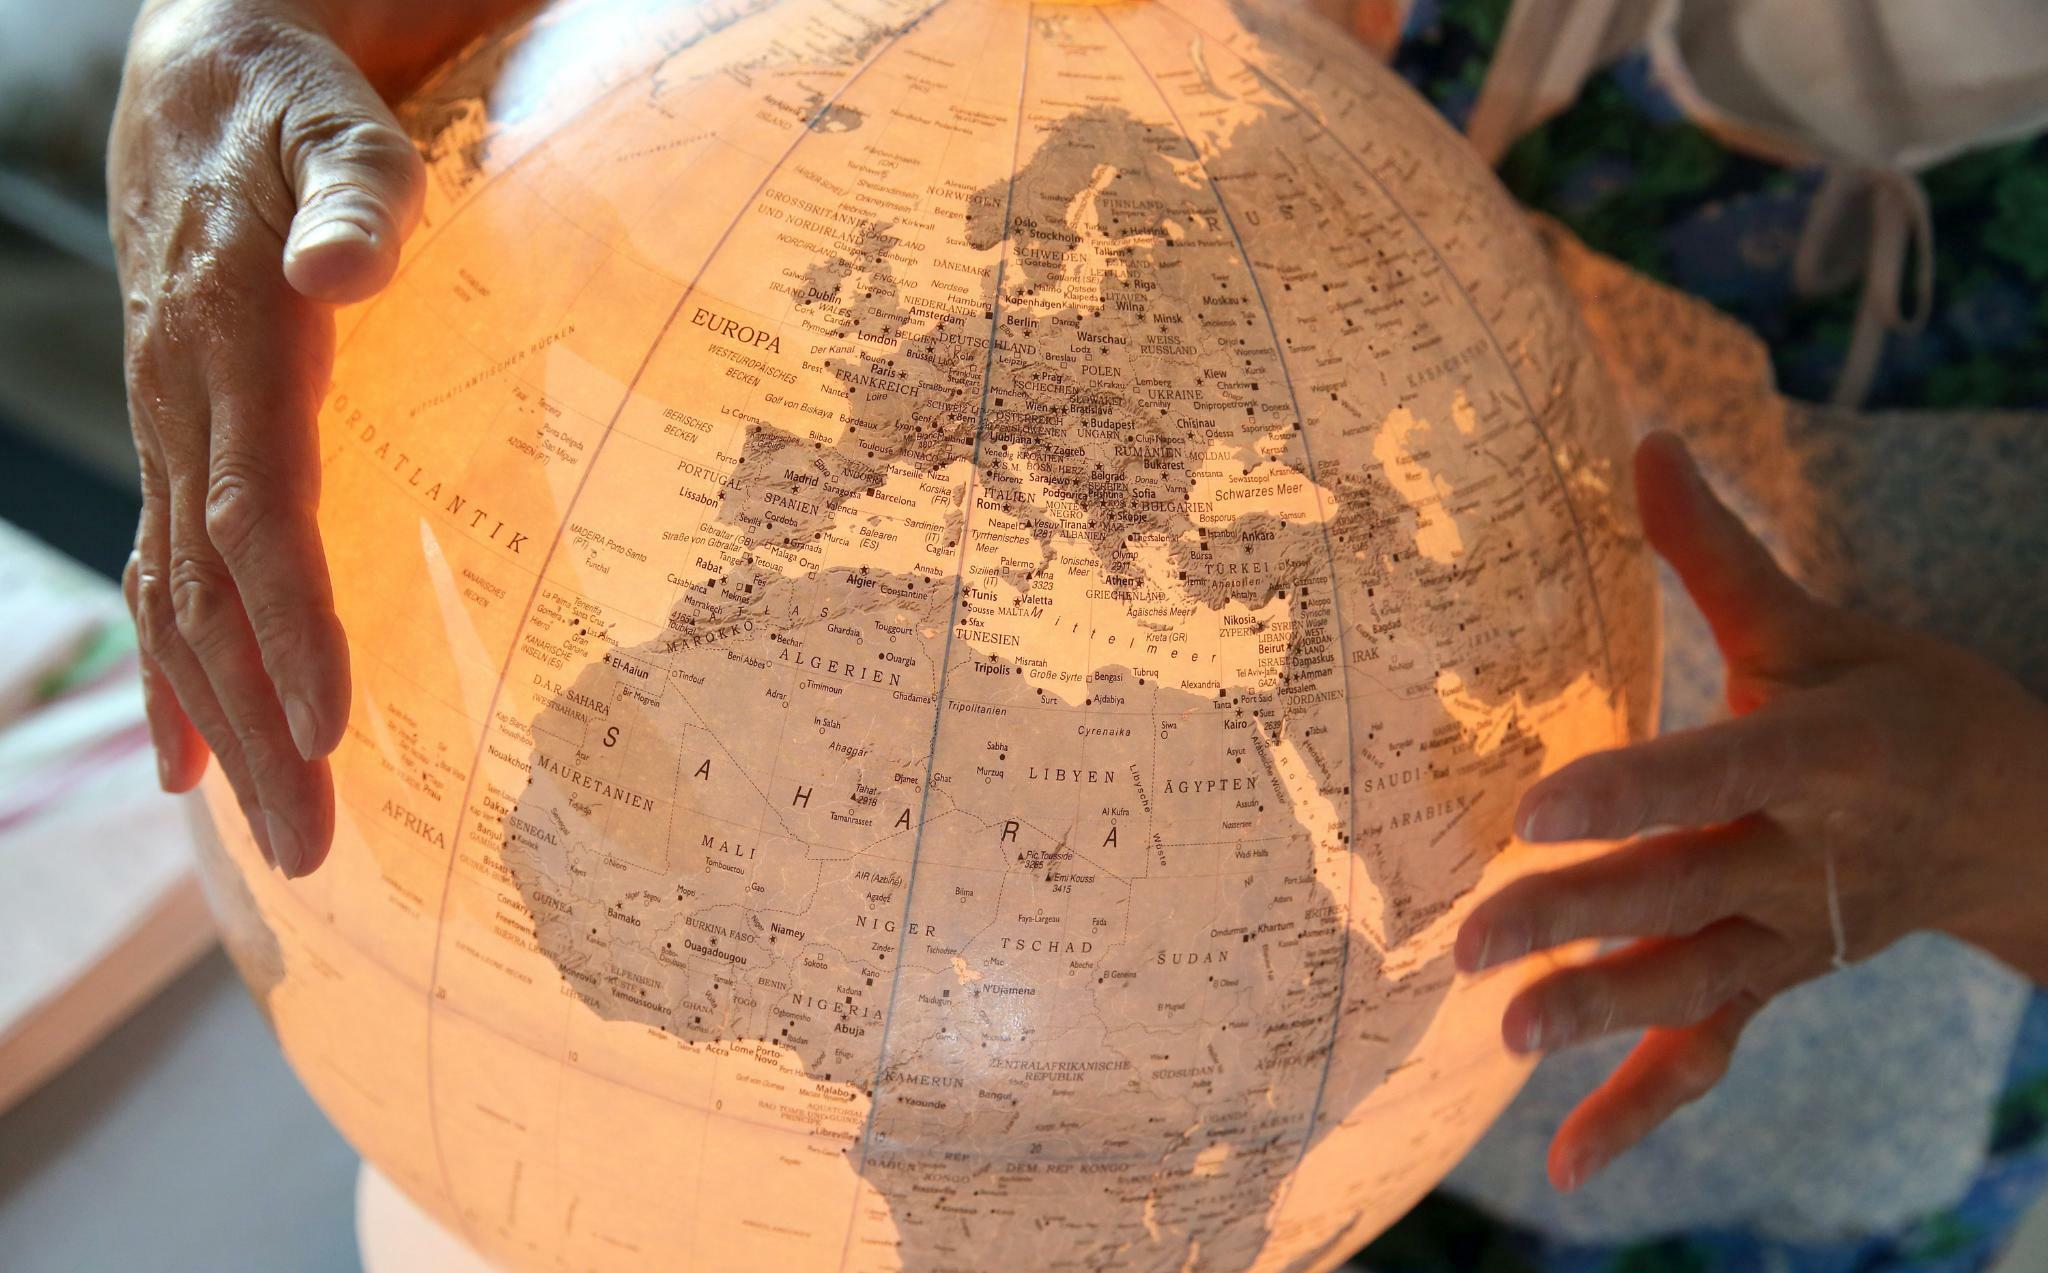 Die 11 kleinsten Länder der Welt 2019 nach Fläche